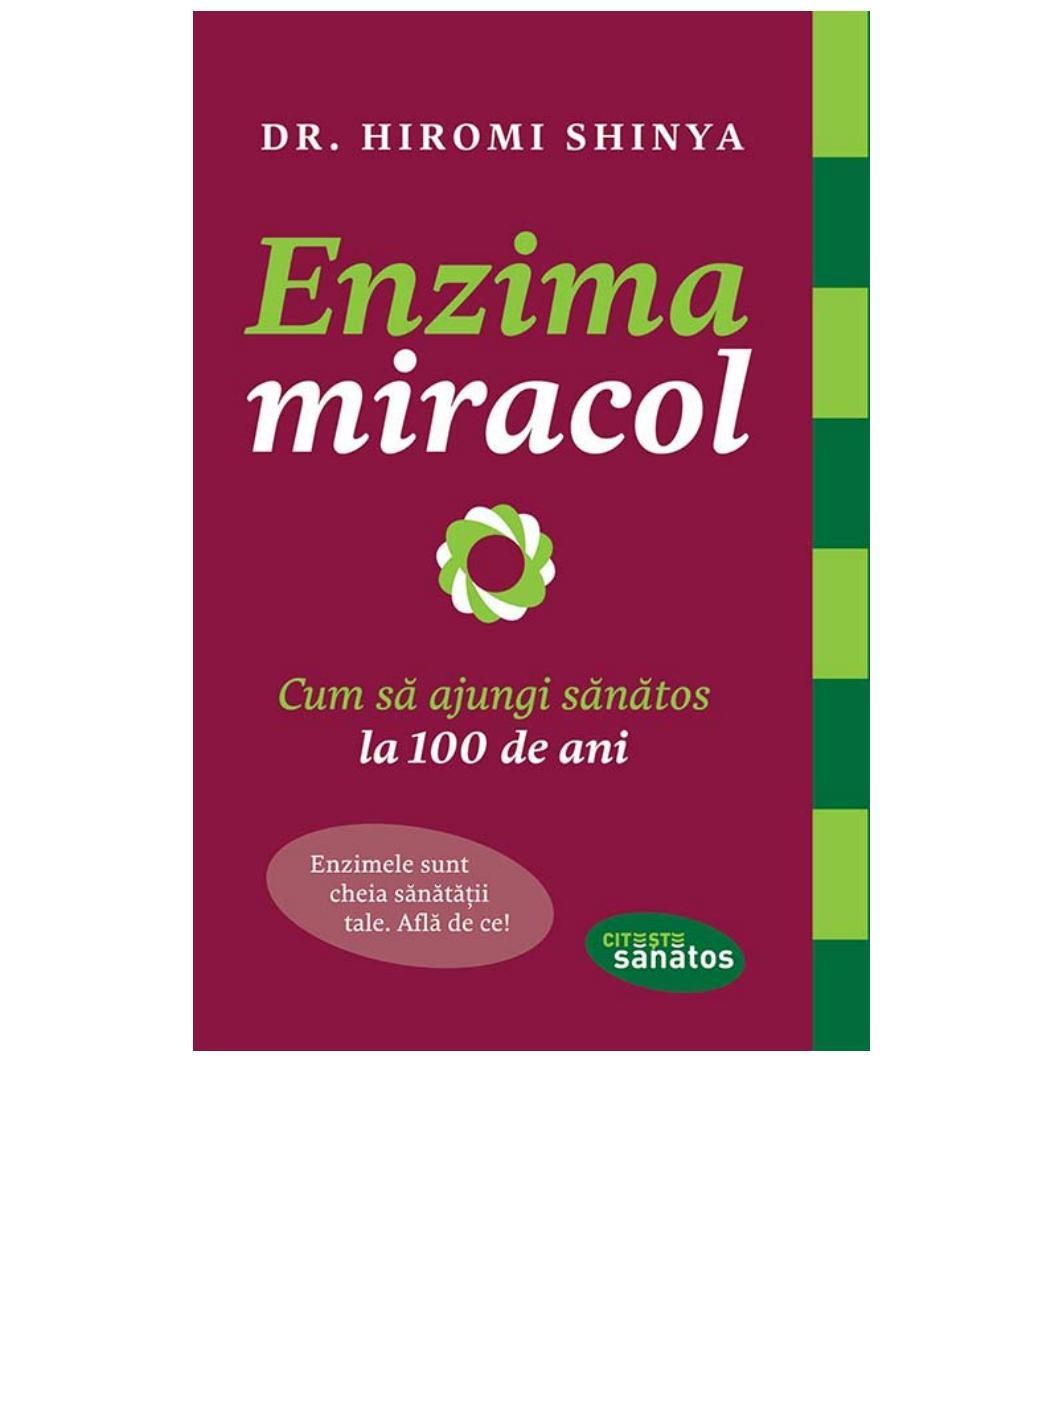 Artrolit Forte, 30 capsule (Articulatii) - iasiservicii.ro